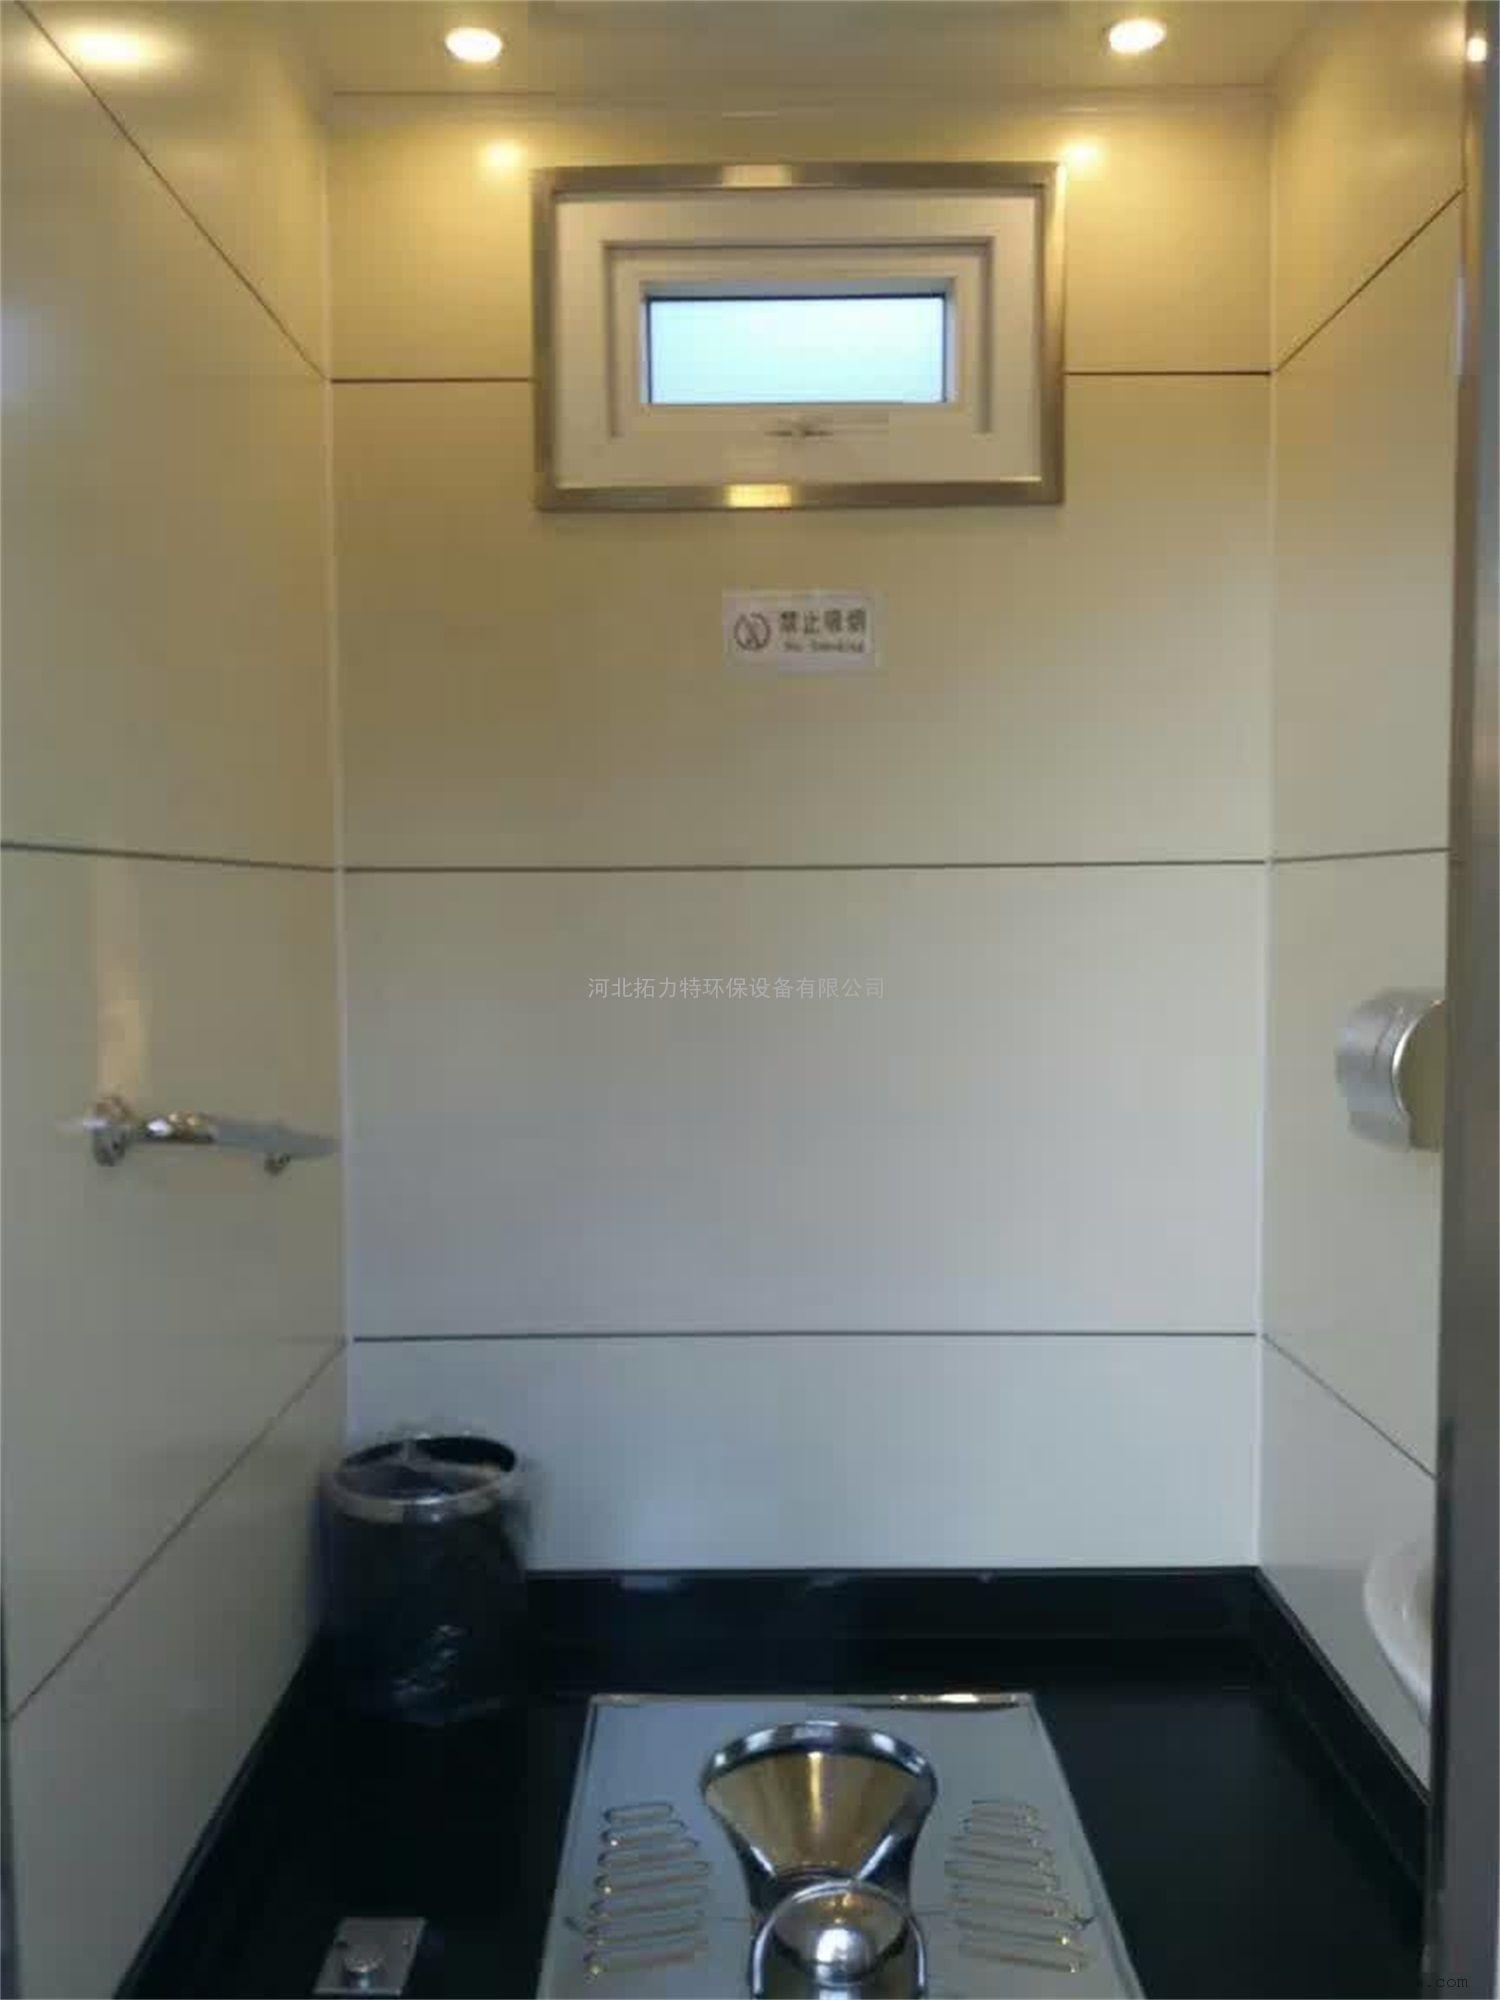 仿古造型移动环保旅游厕所-图1